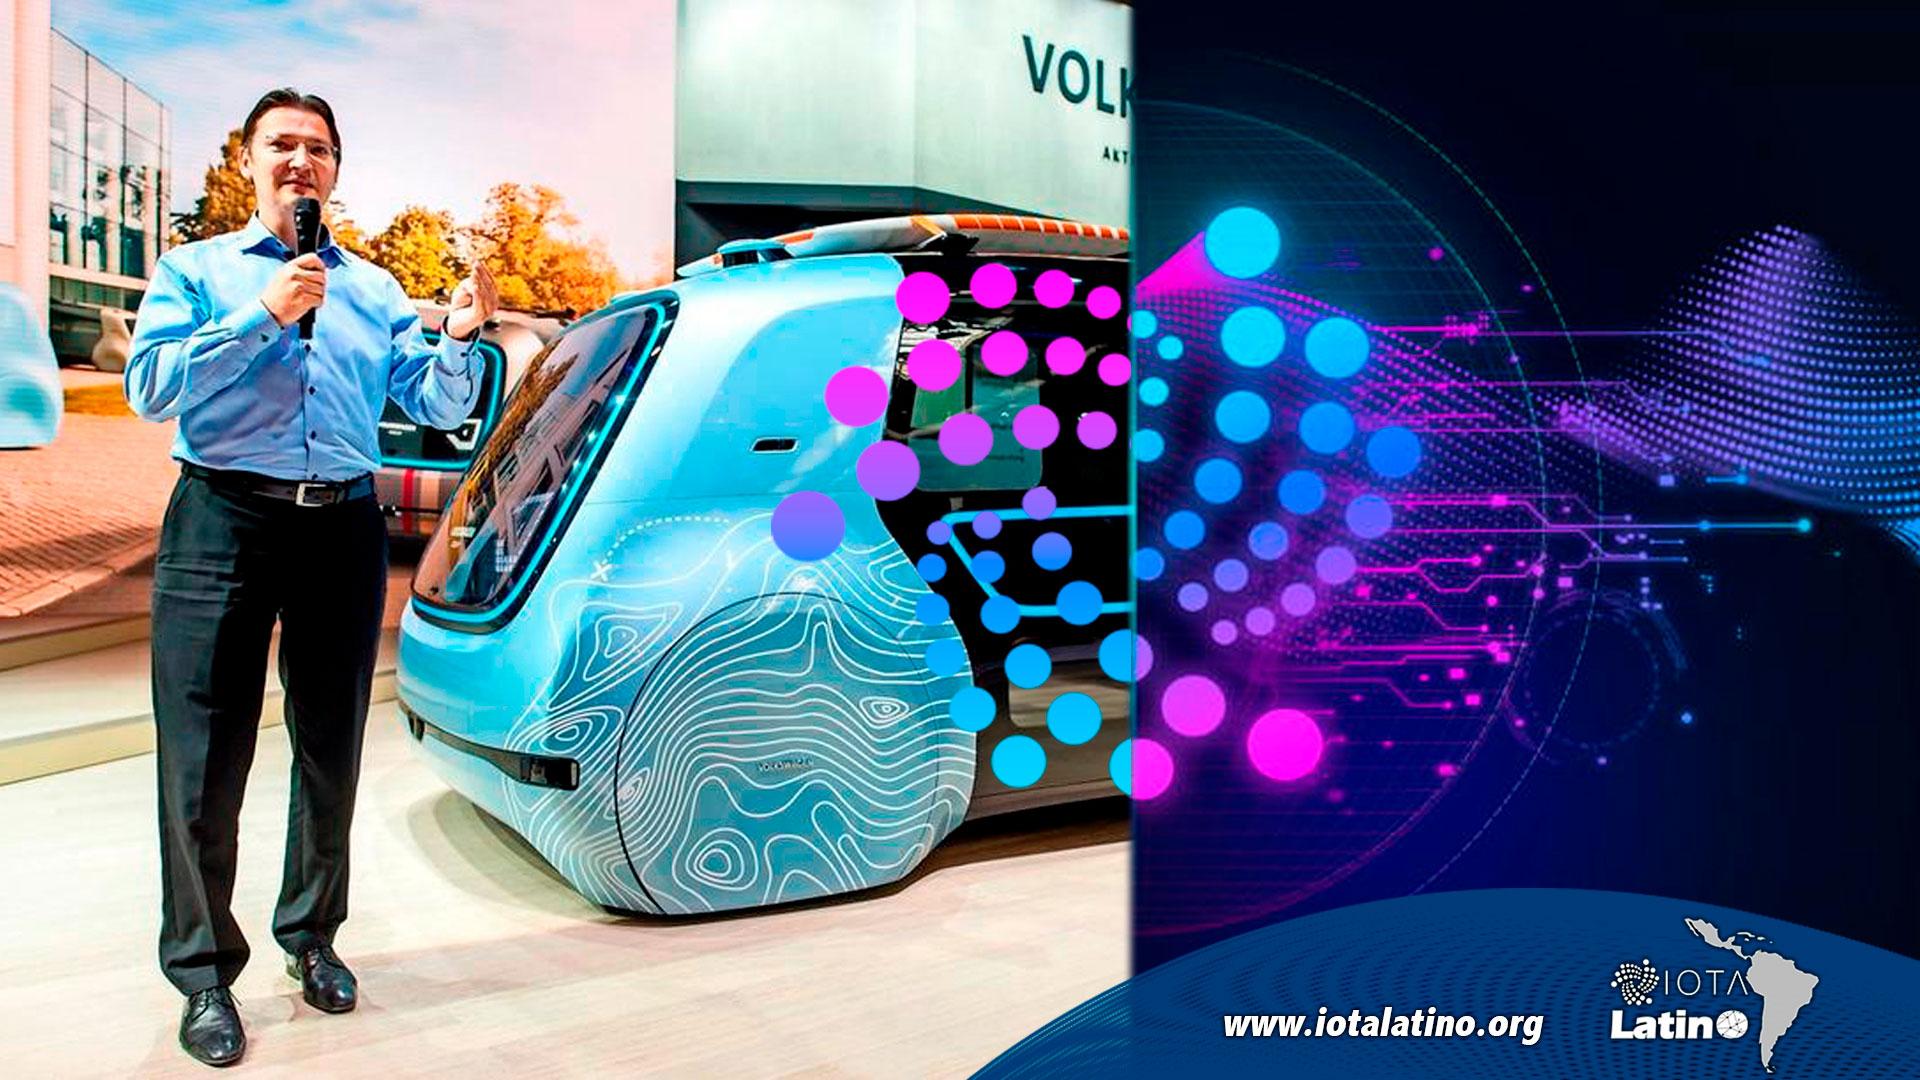 volkswagen - IOTA Latino -02